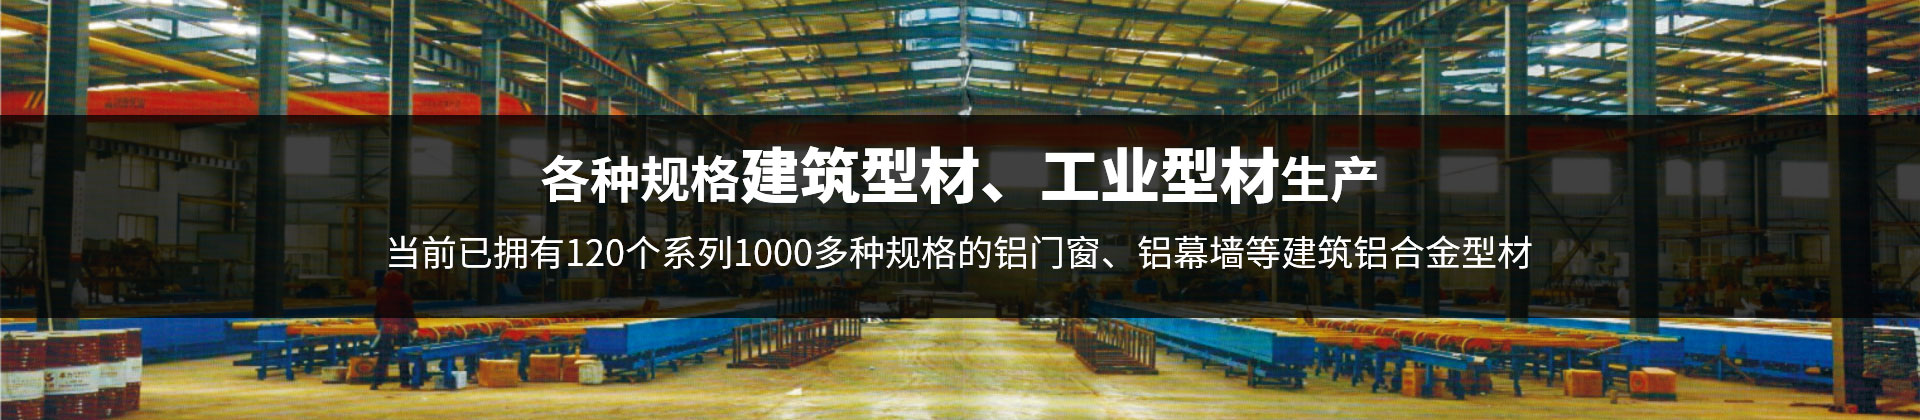 http://www.zqly.net.cn/data/upload/202101/20210121142206_430.jpg